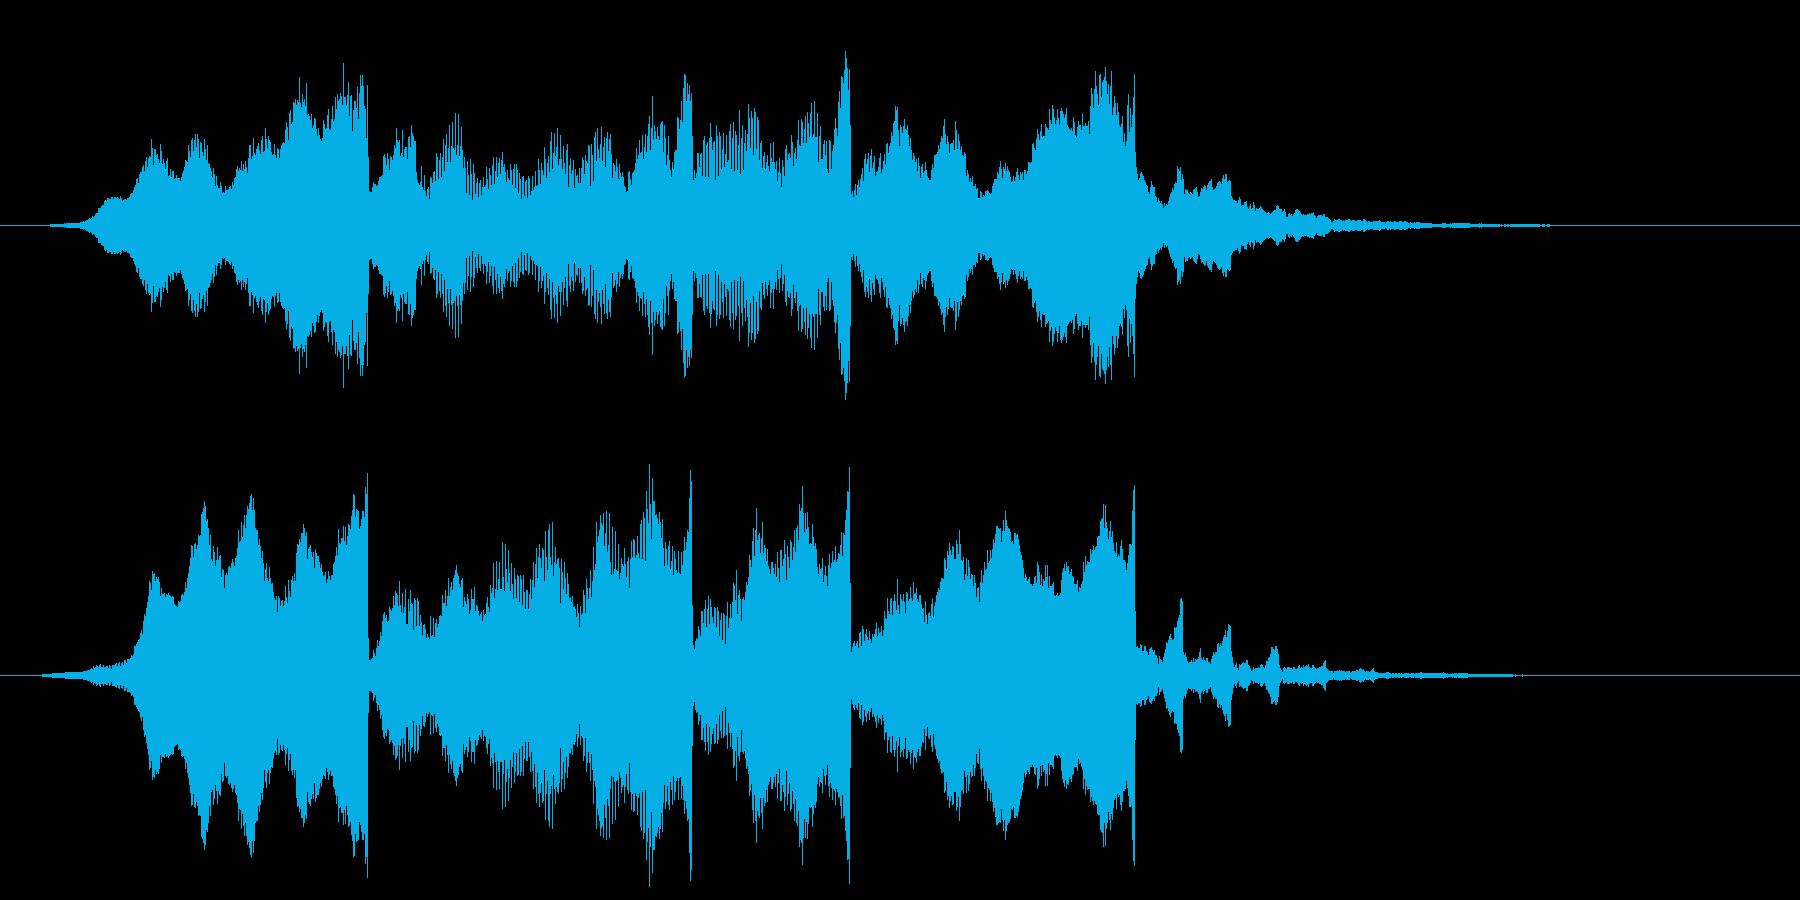 ピアノの高音の逆再生サウンドロゴの再生済みの波形